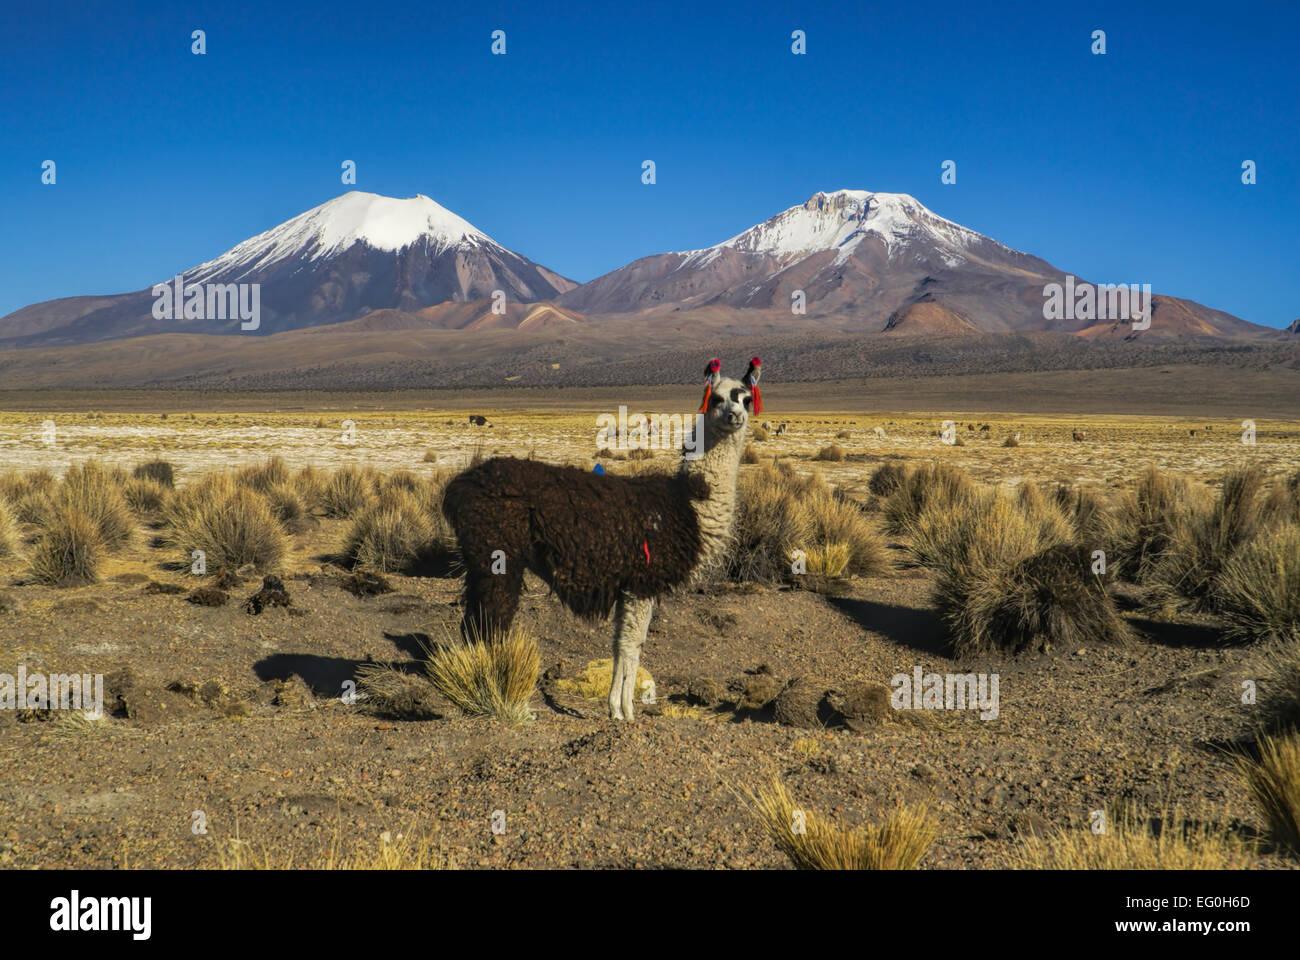 Niedliche Lamas in bolivianischen Sajama Nationalpark mit malerischen Vulkane Paranicota und Pomerape im Hintergrund Stockbild